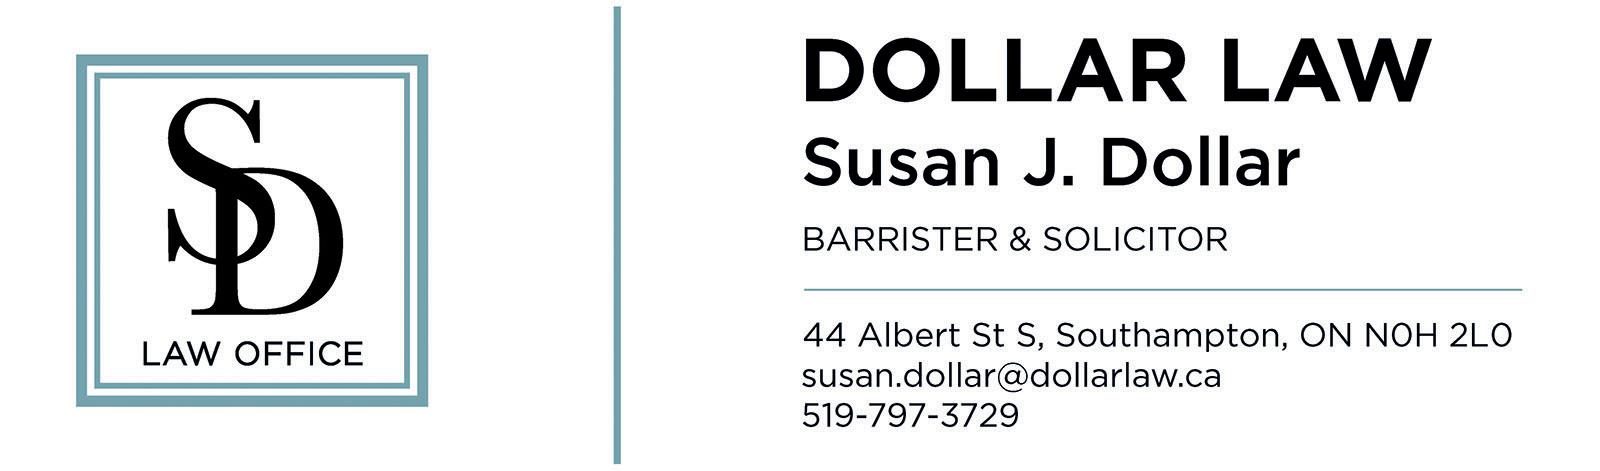 Dollar Law